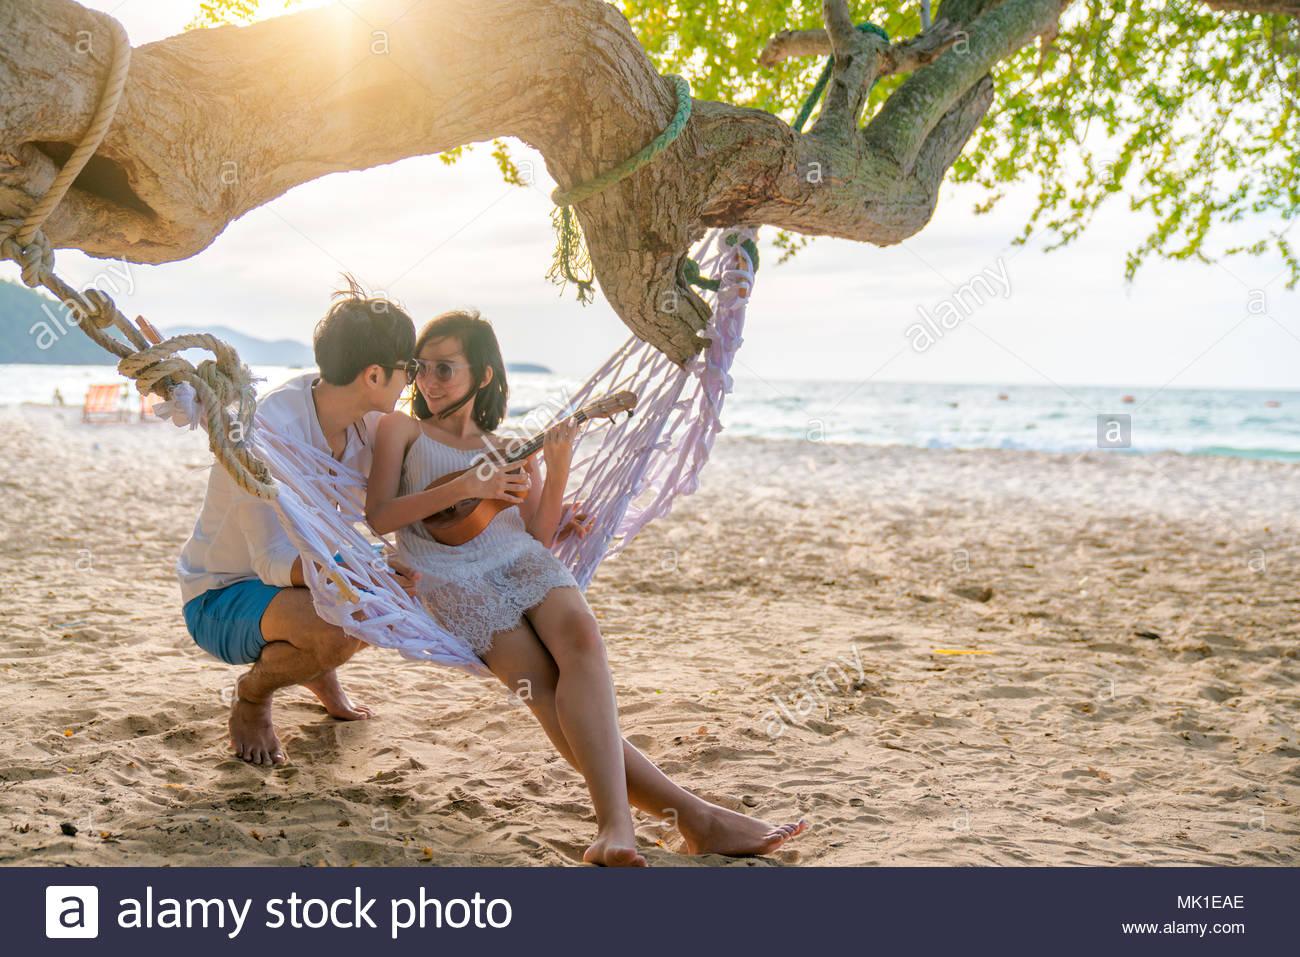 Pareja romántica está sentado y besarse en la playa en el columpio . Vacaciones en familia en luna de miel. El amor y la relación Imagen De Stock